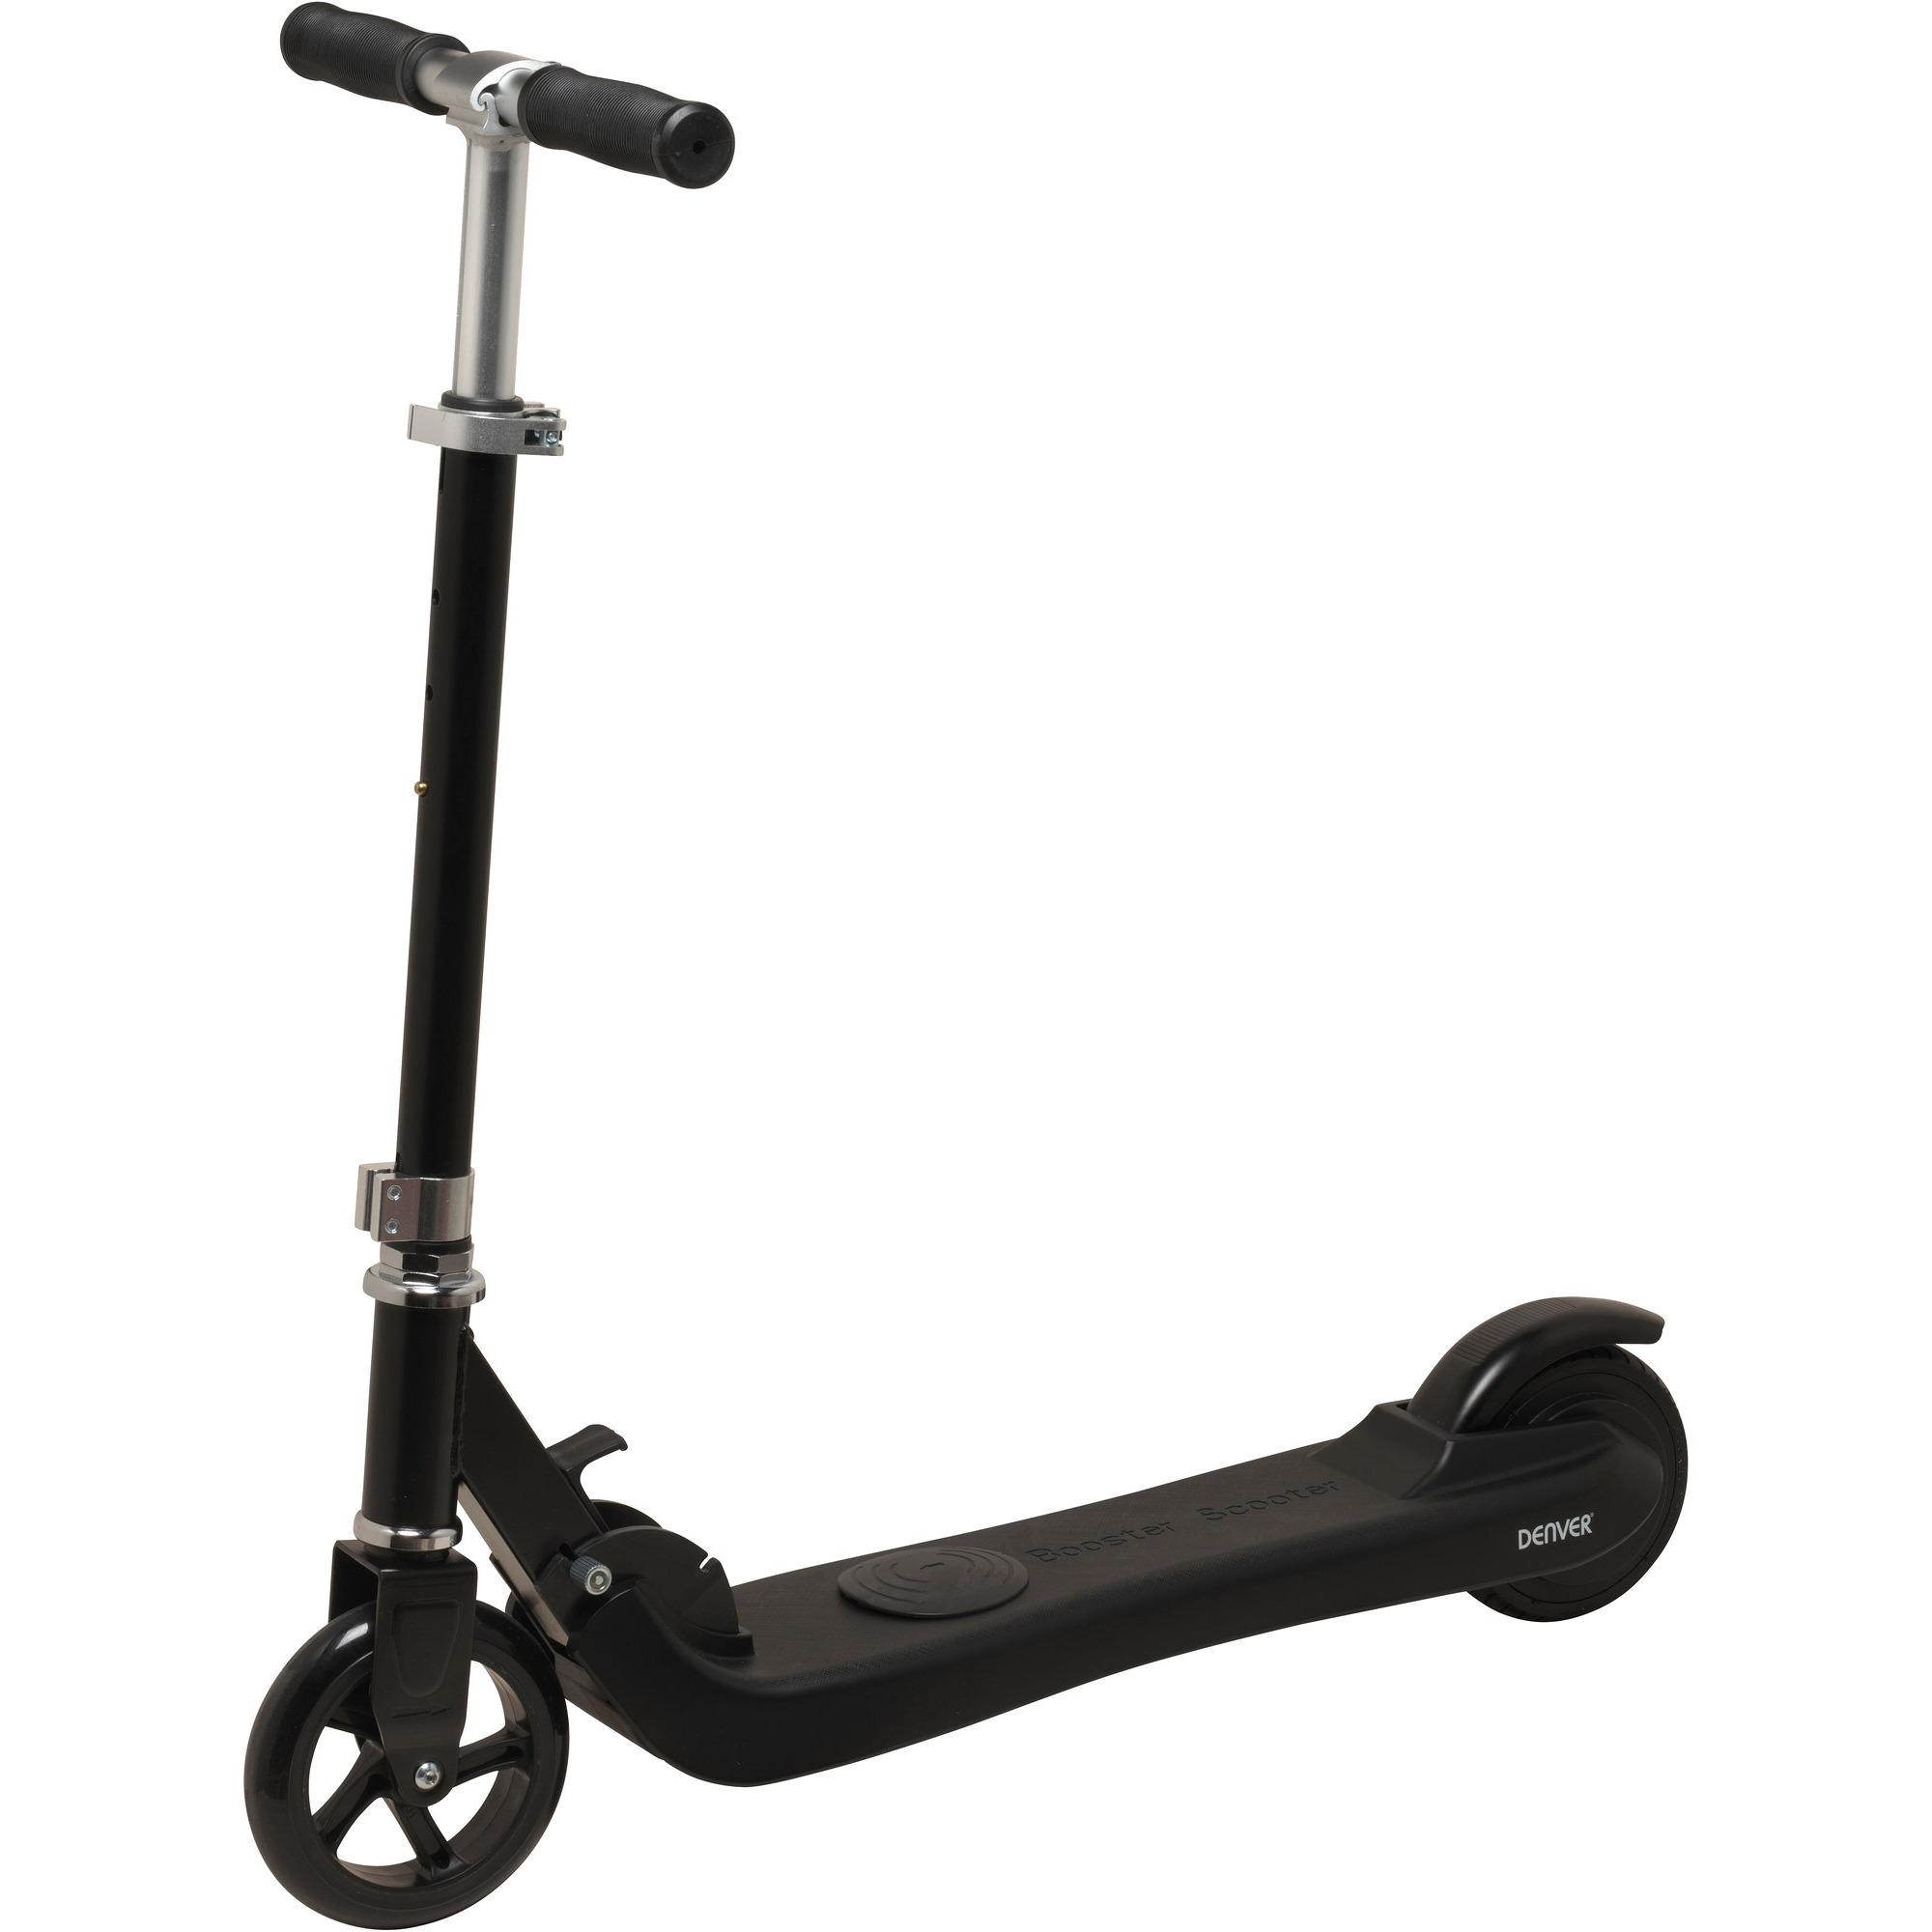 Denver SCK-5300 El scooter svart